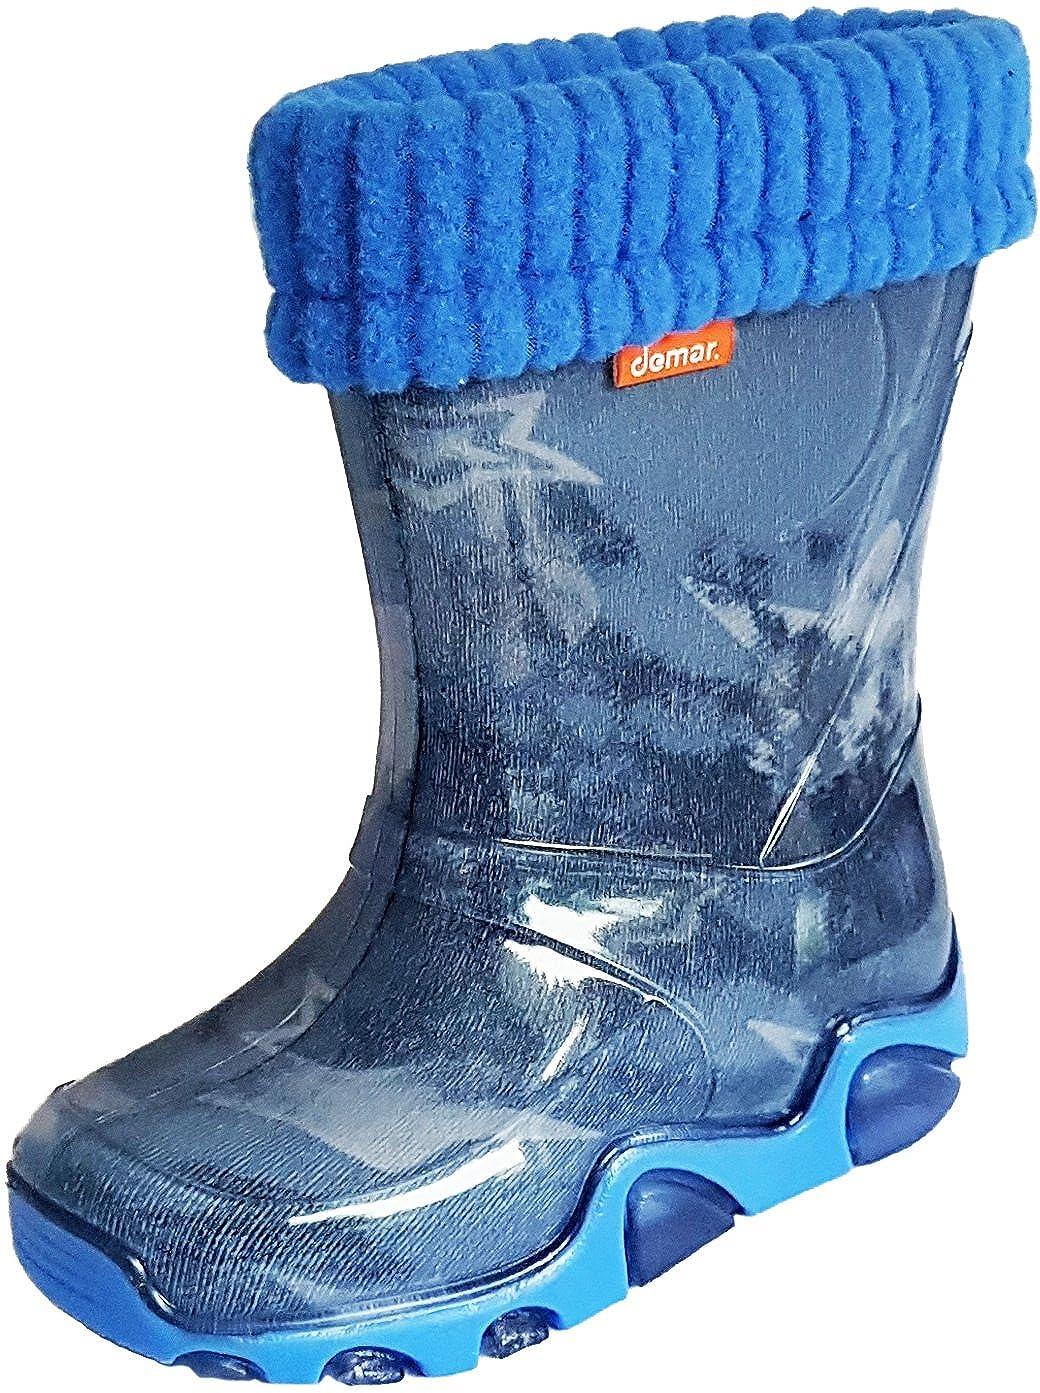 Garçons Filles Bottes de pluie Doublure chaude Polaire Lumière Enfants Bottes en caoutchouc Unisexe Mixte